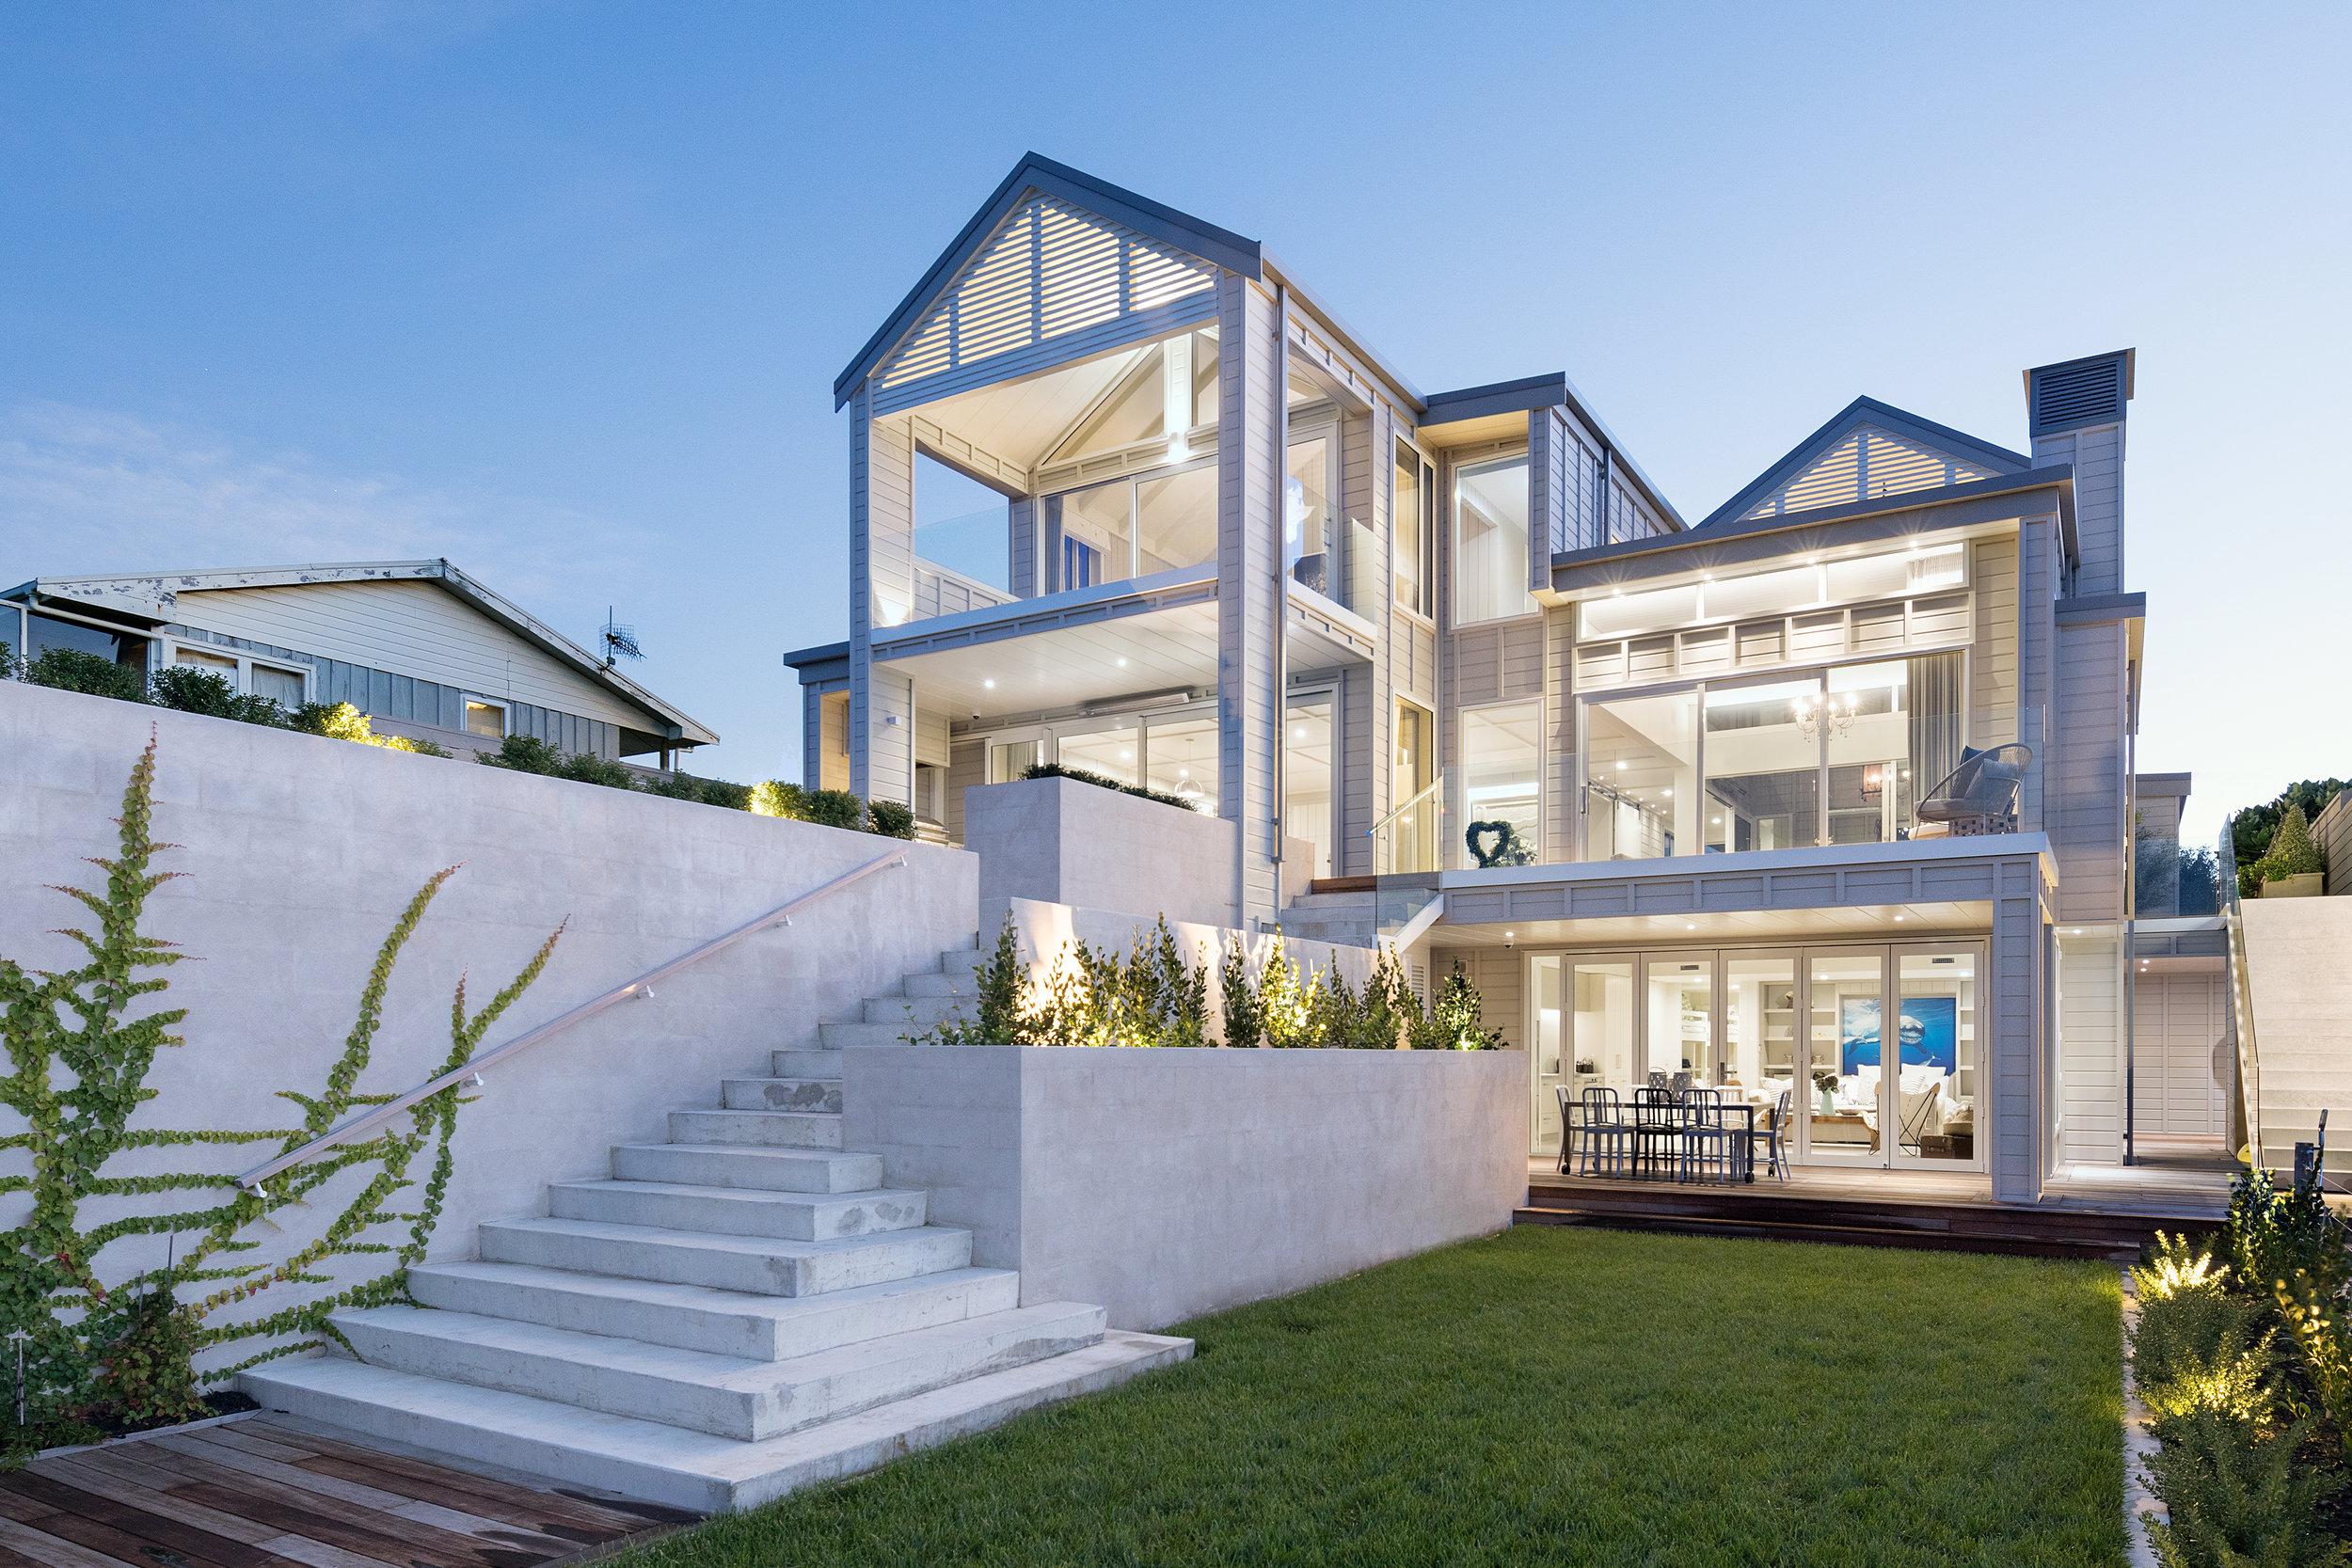 McFall Residence